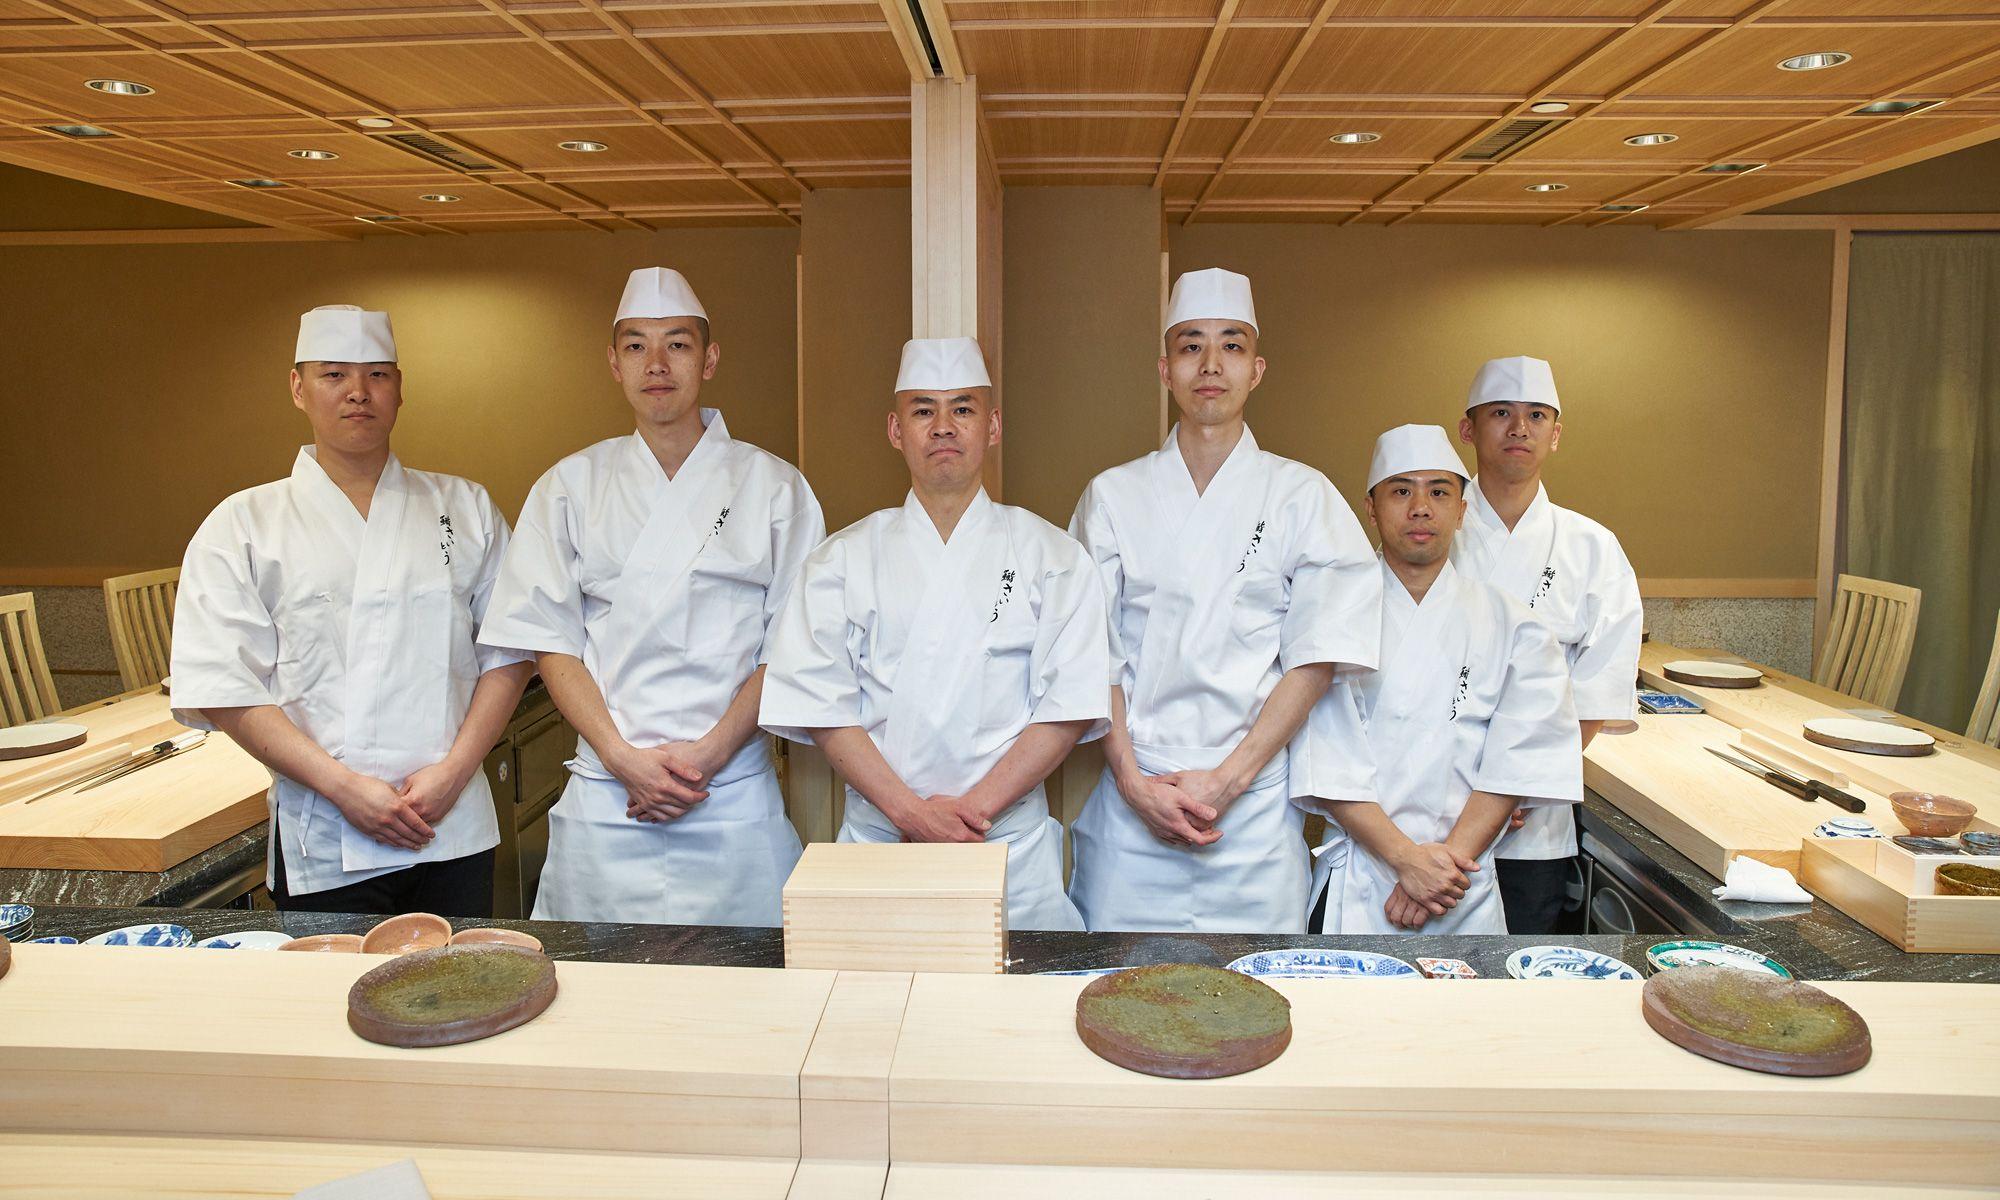 Review: Sushi Saito Proves A Mecca For True Nigiri Aficionados